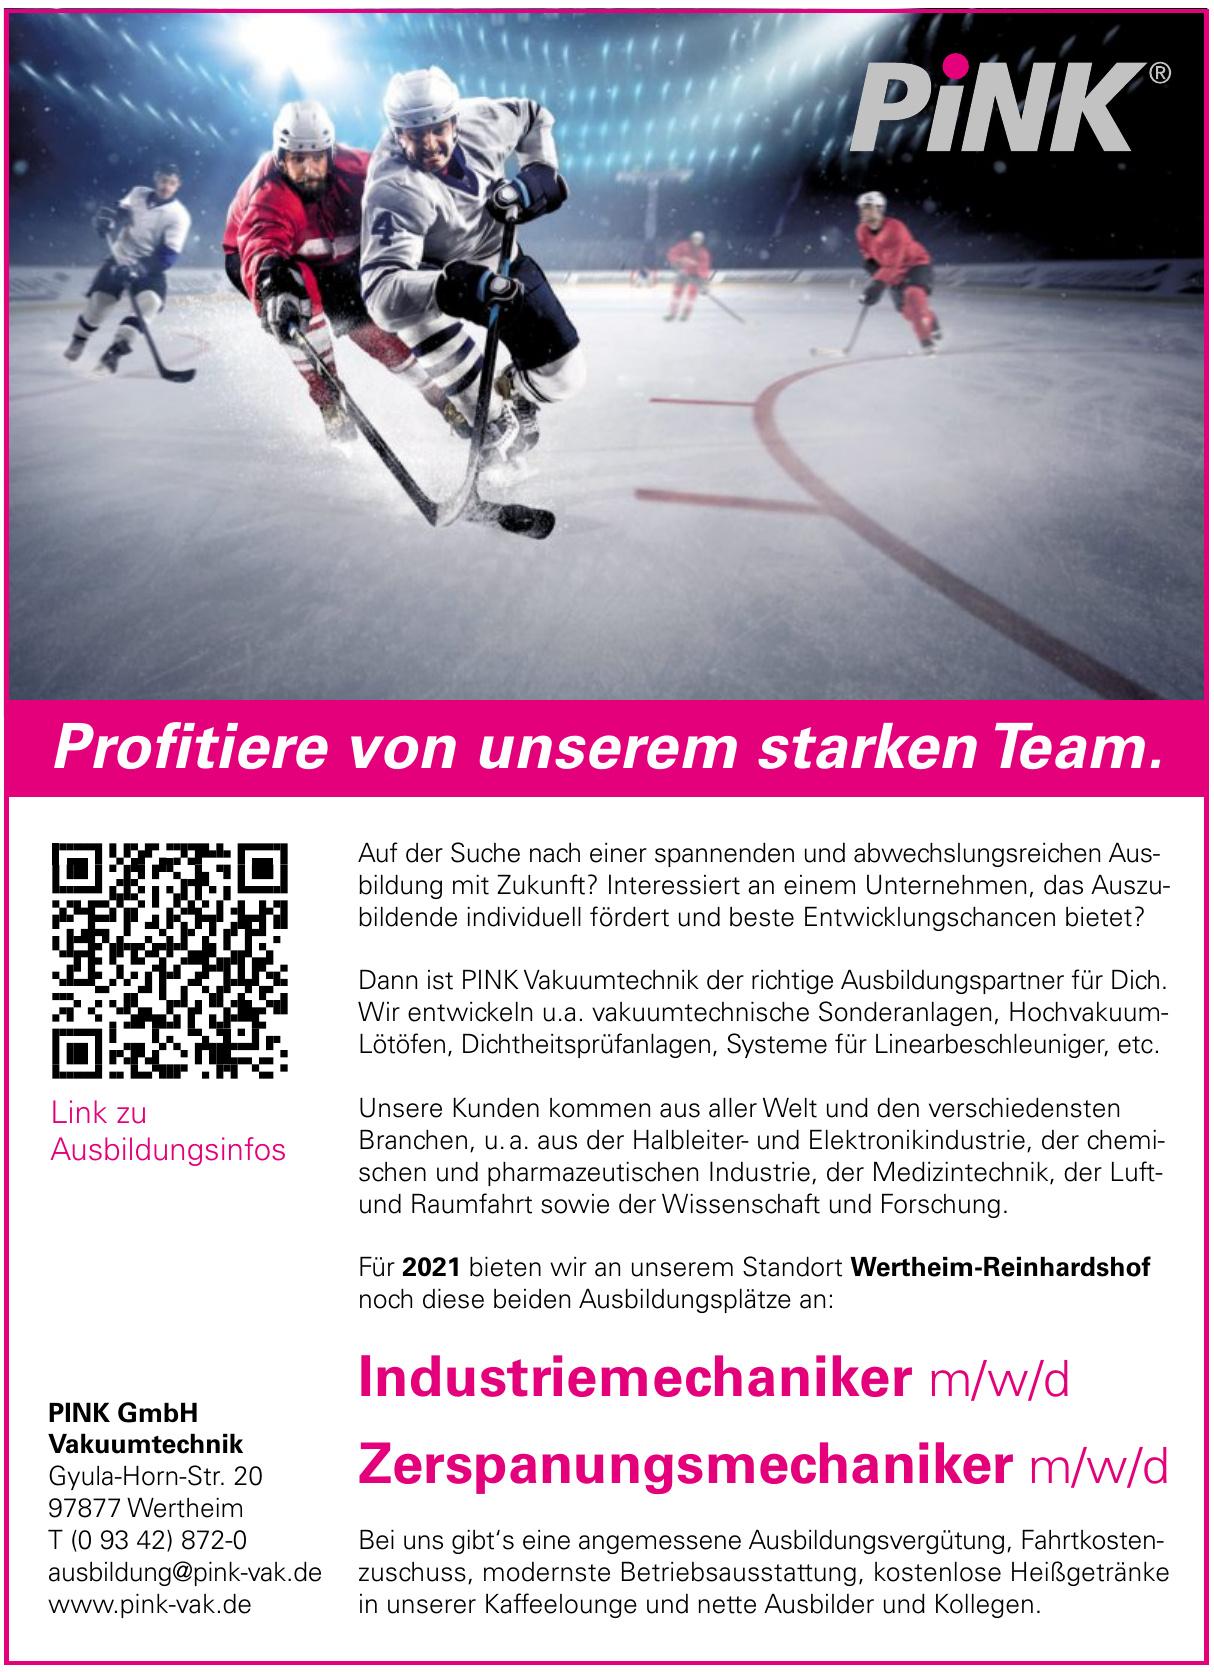 PINK GmbH Vakuumtechnik